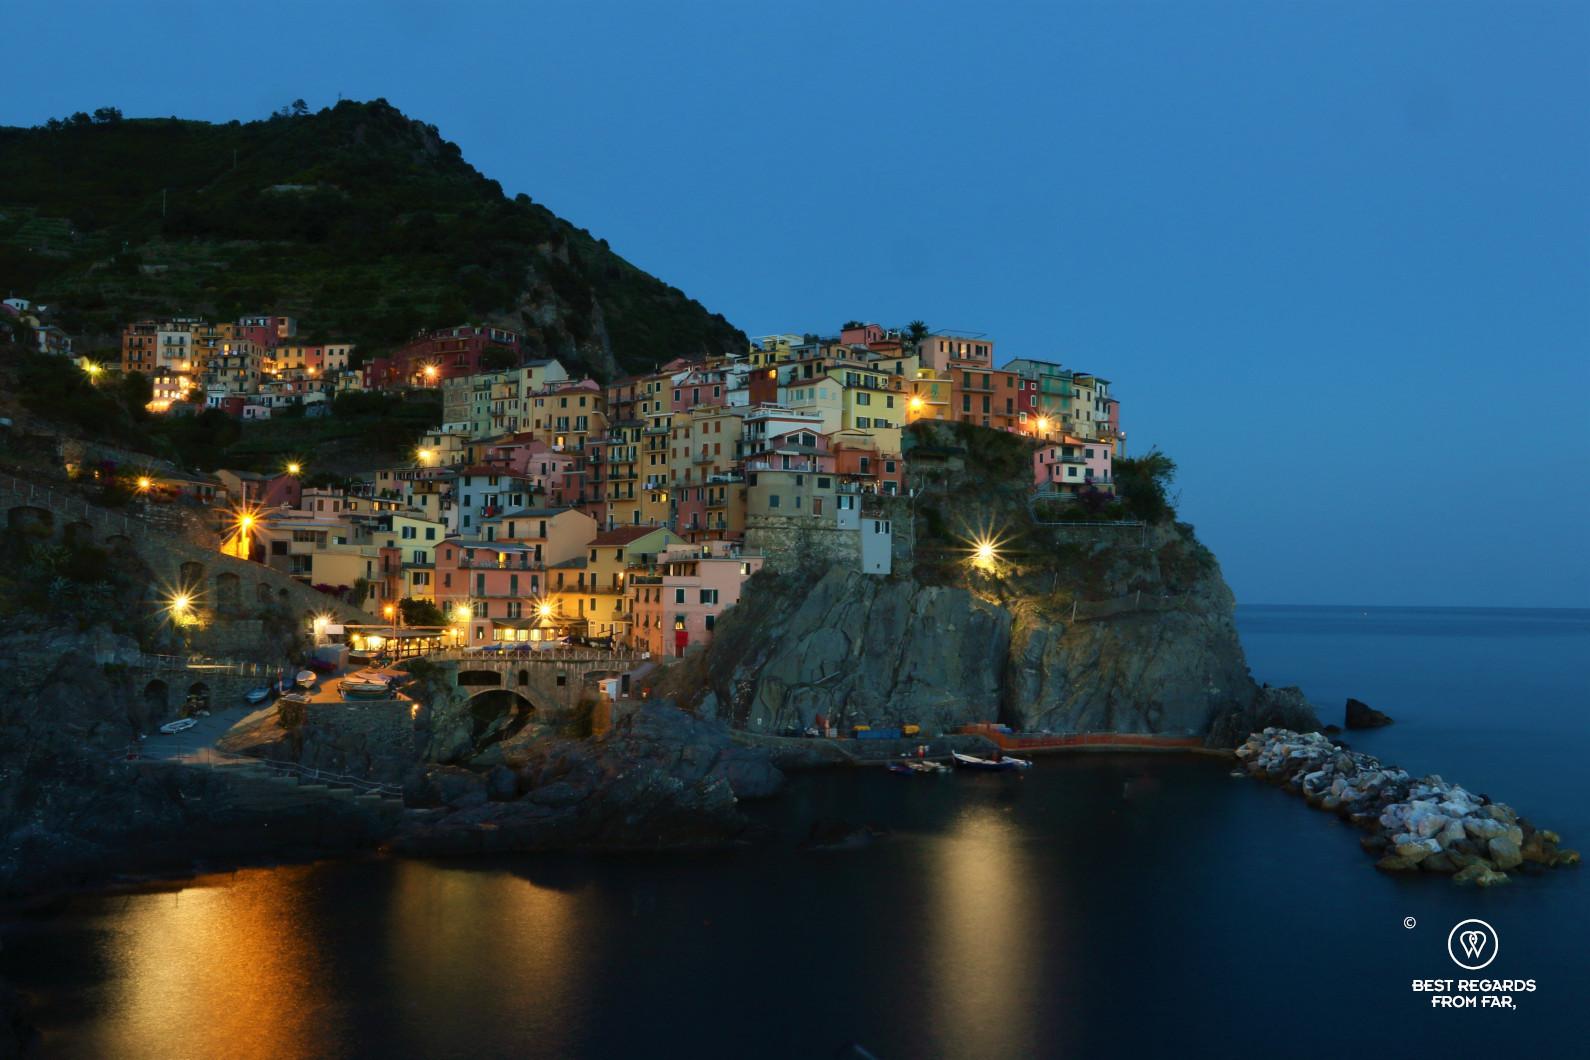 Italy - Cinque Terre - Manarola by night